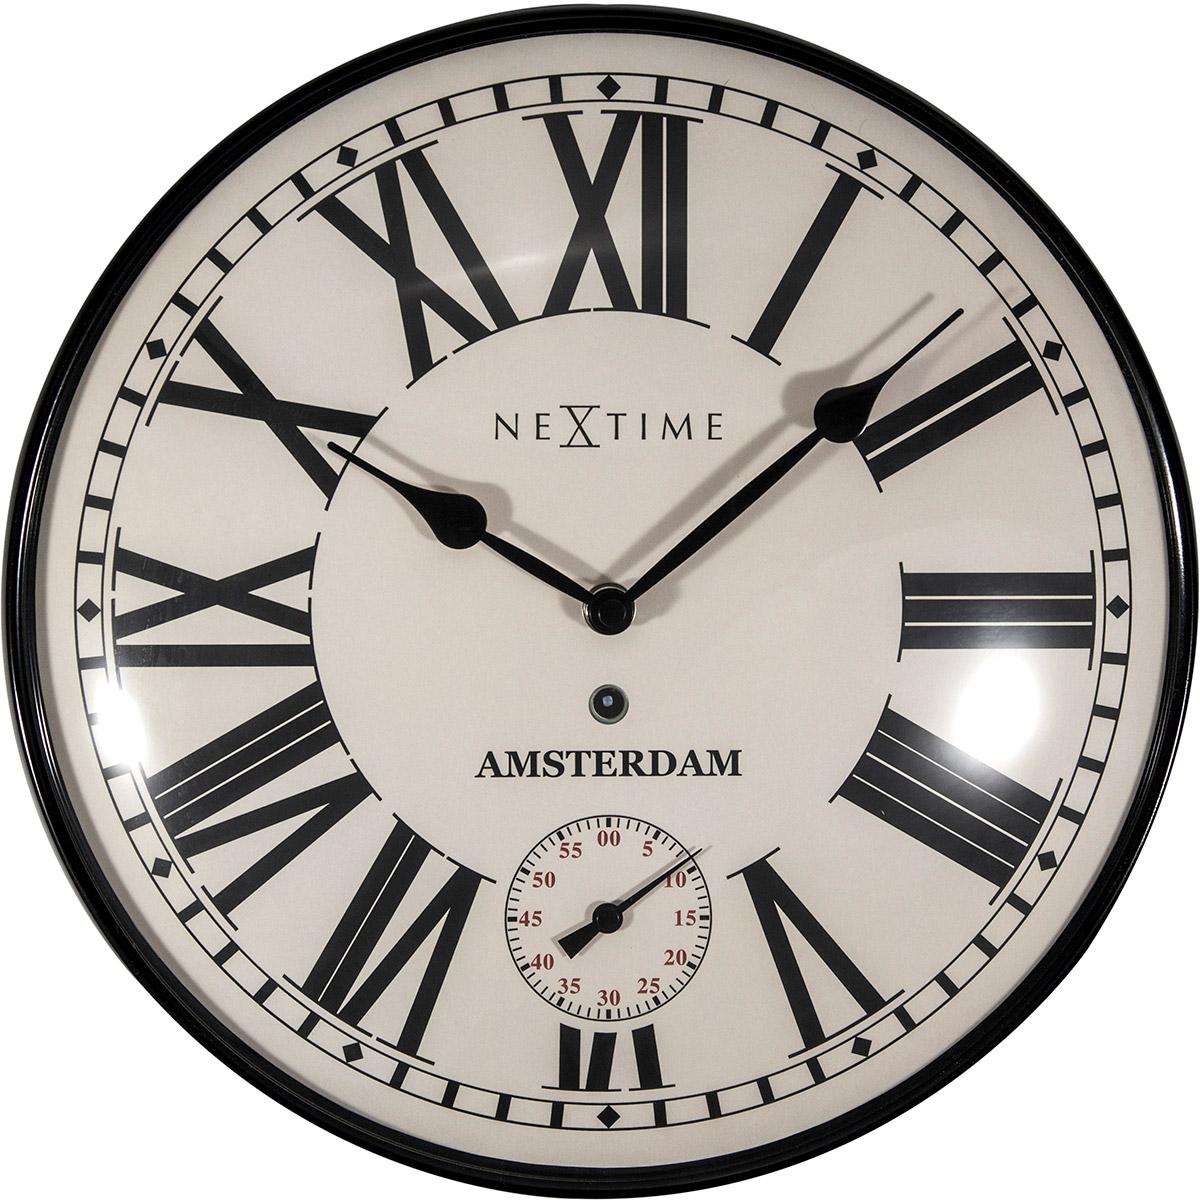 Zegar ścienny Z Oddzielnym Sekundnikiem Amsterdam Dome Nextime 30 Cm